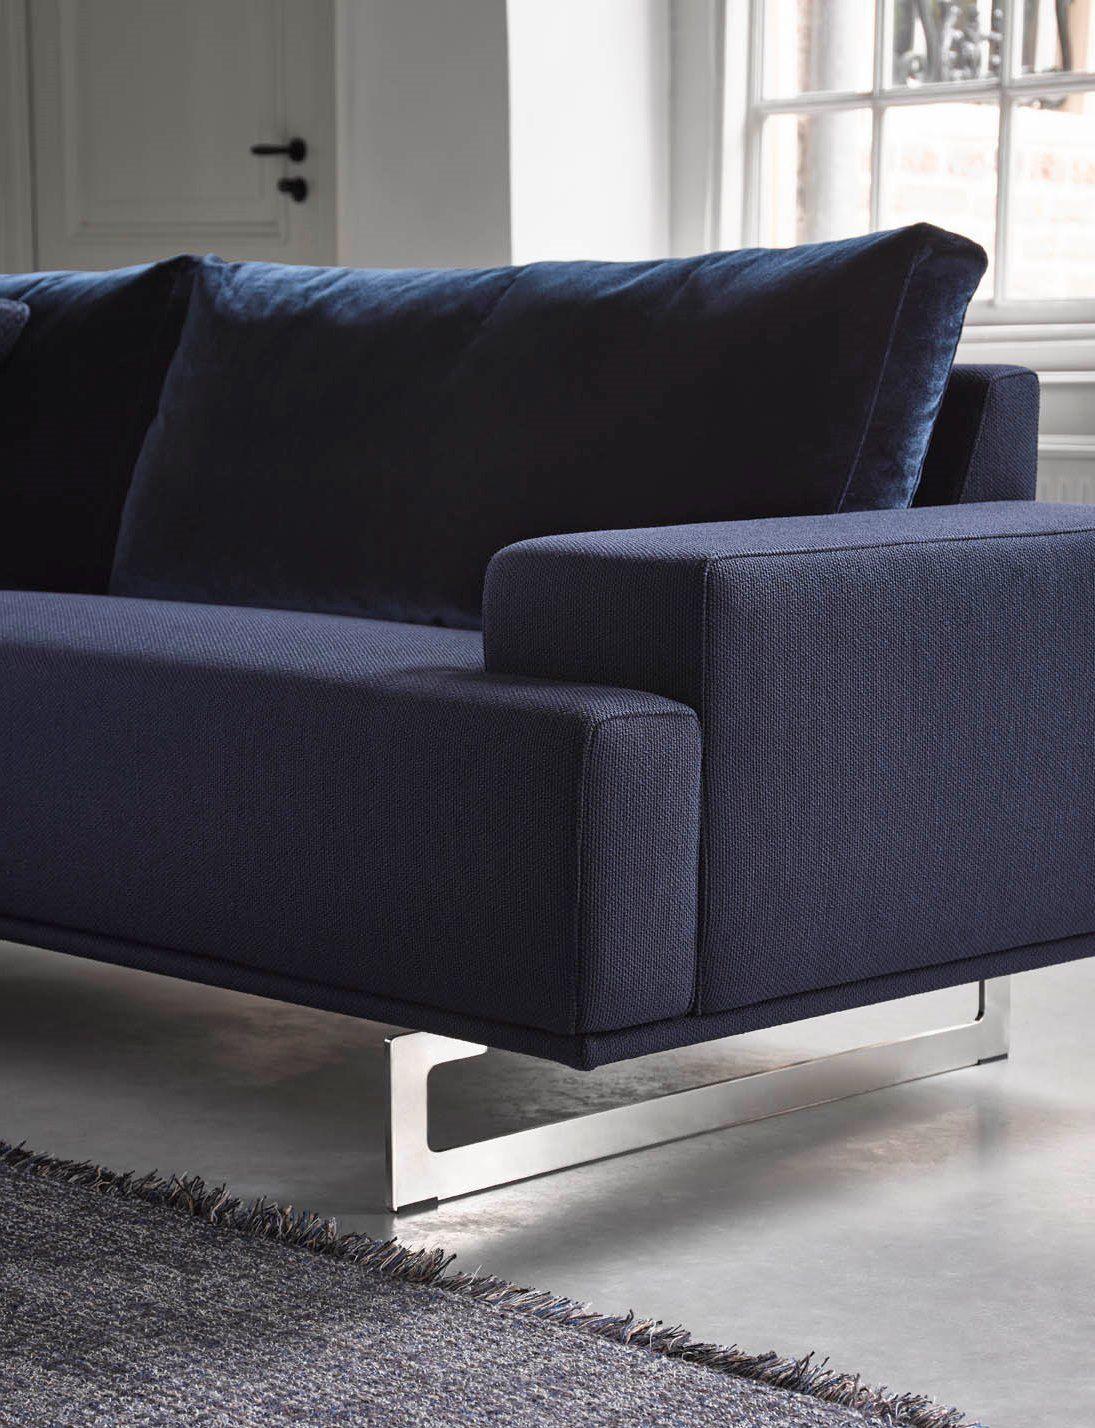 Mooie Design Bankstellen.Gelderland Bank 7881 Embrace Soft Design Jan Des Bouvrie In